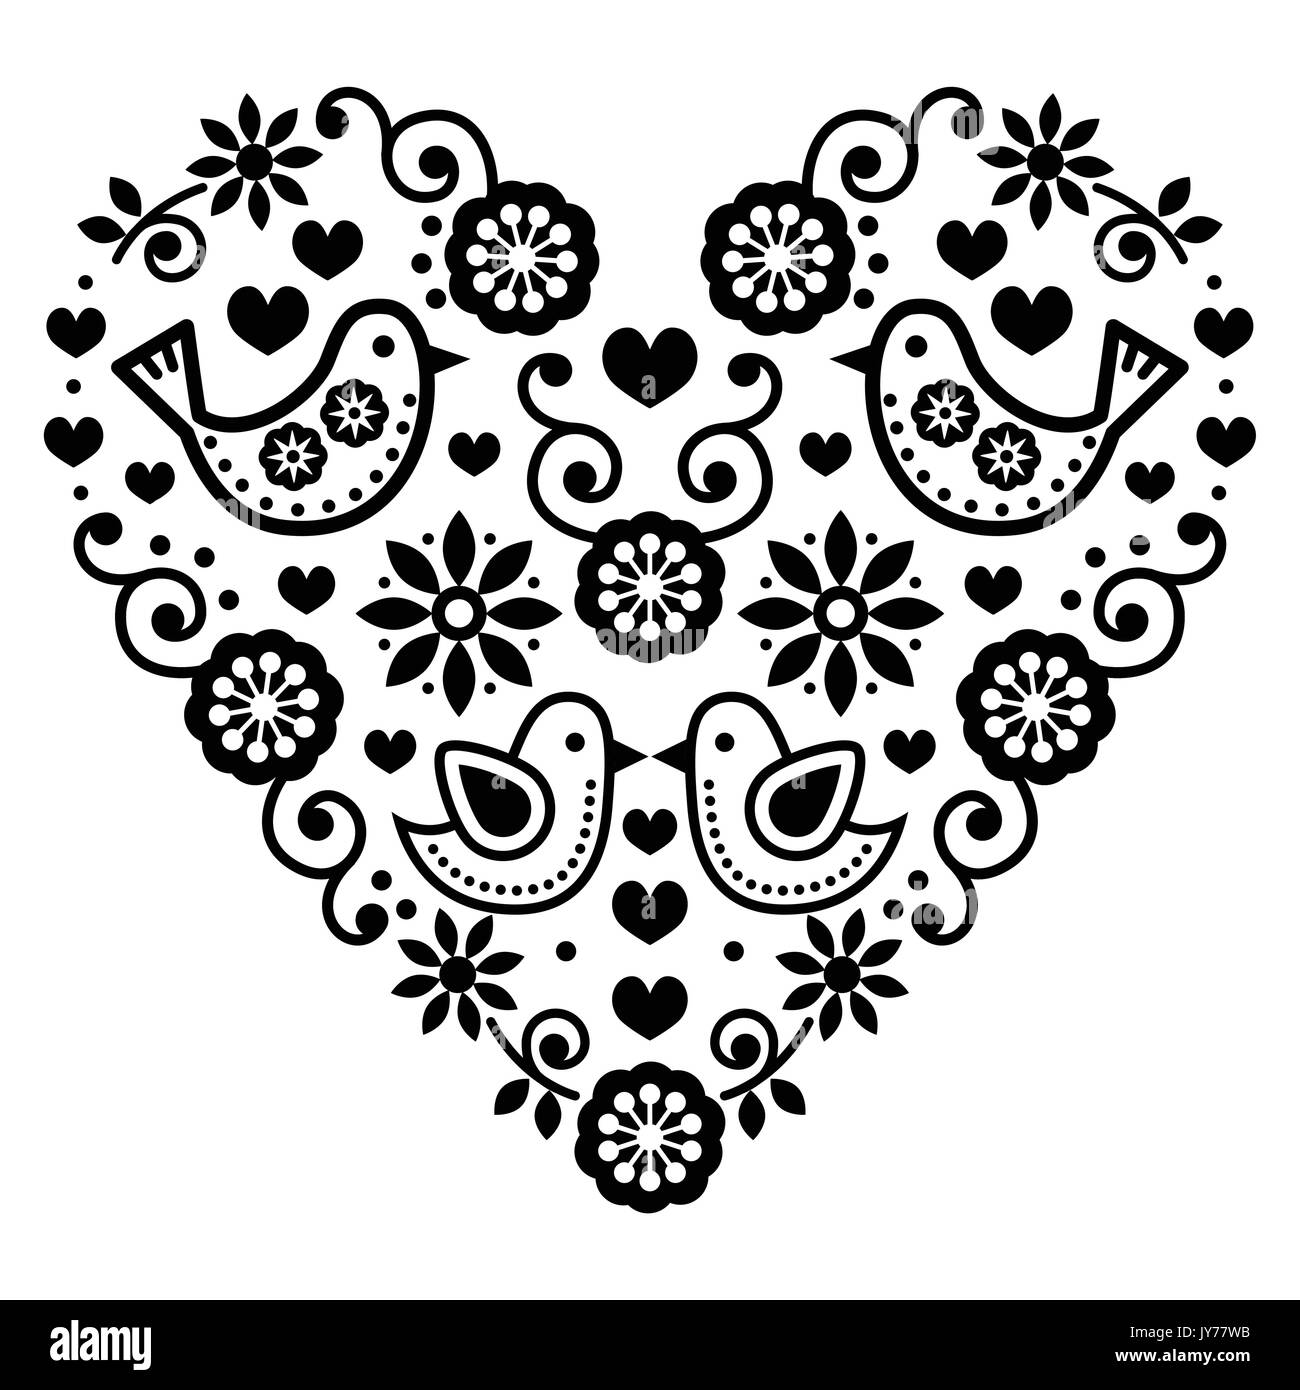 Arte Popolare Il Giorno Di San Valentino Cuore Amore Matrimonio